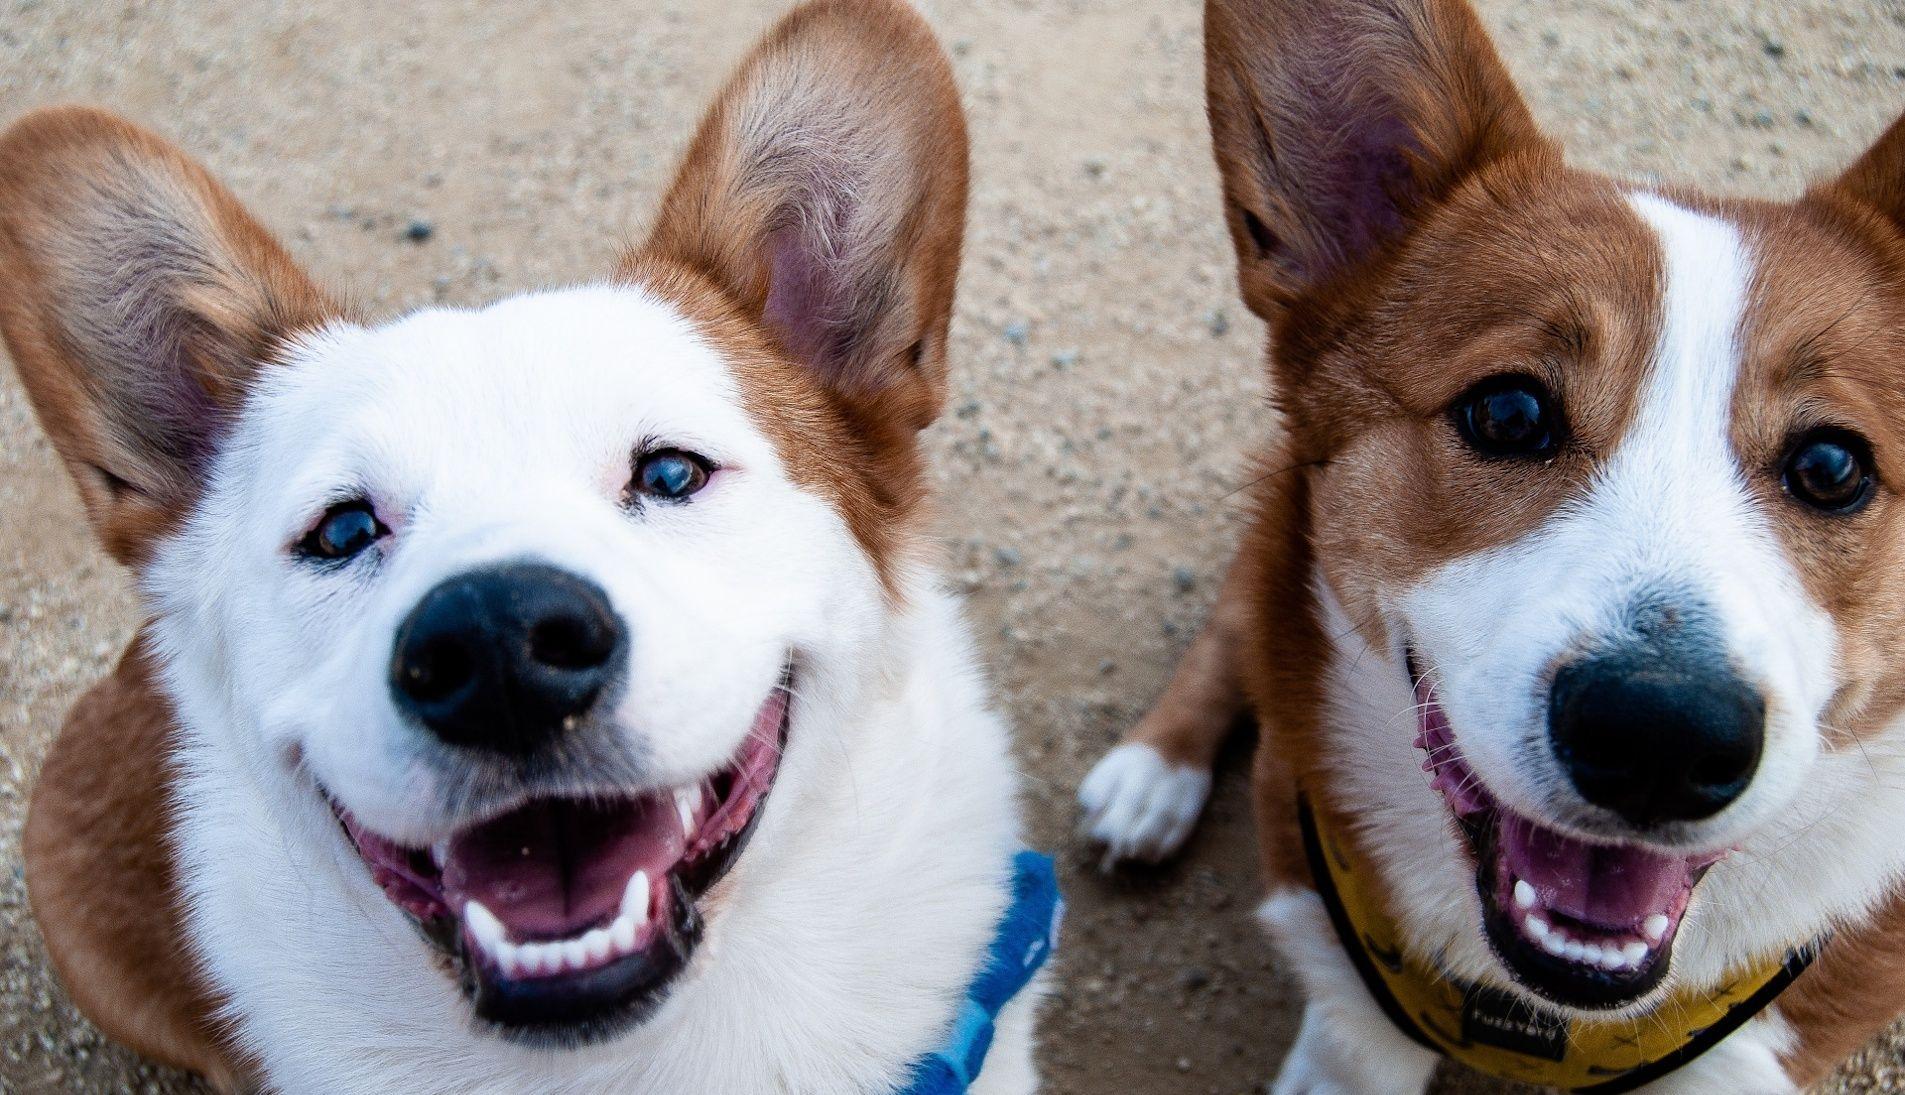 furry-little-rascals-FAQ-dog-walker-pet-sitter-pricing